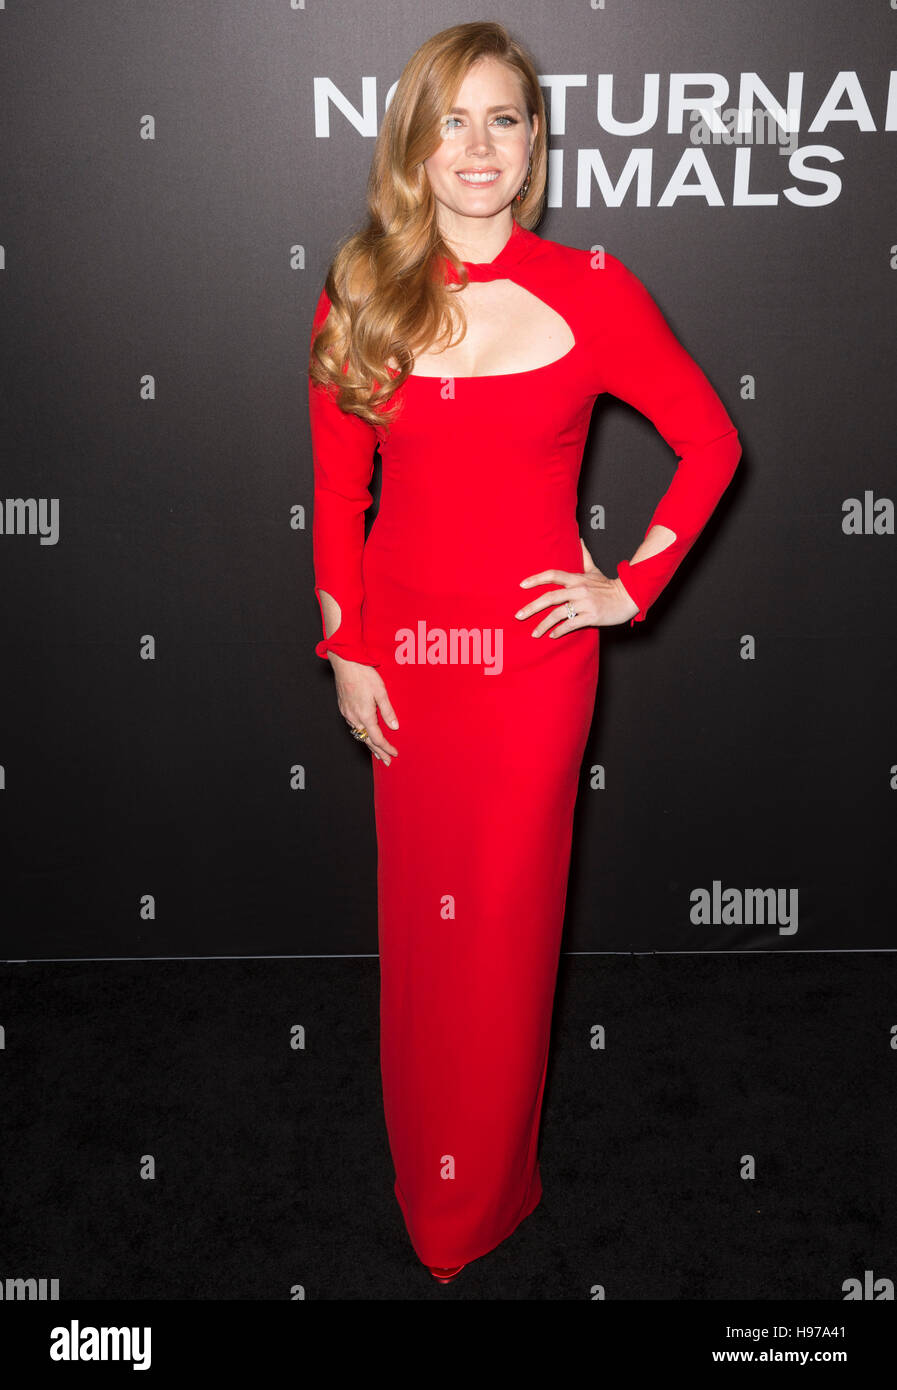 La Ciudad de Nueva York, EE.UU. - Noviembre 17, 2016: la actriz Amy Adams asiste al 'animales nocturnos' Imagen De Stock